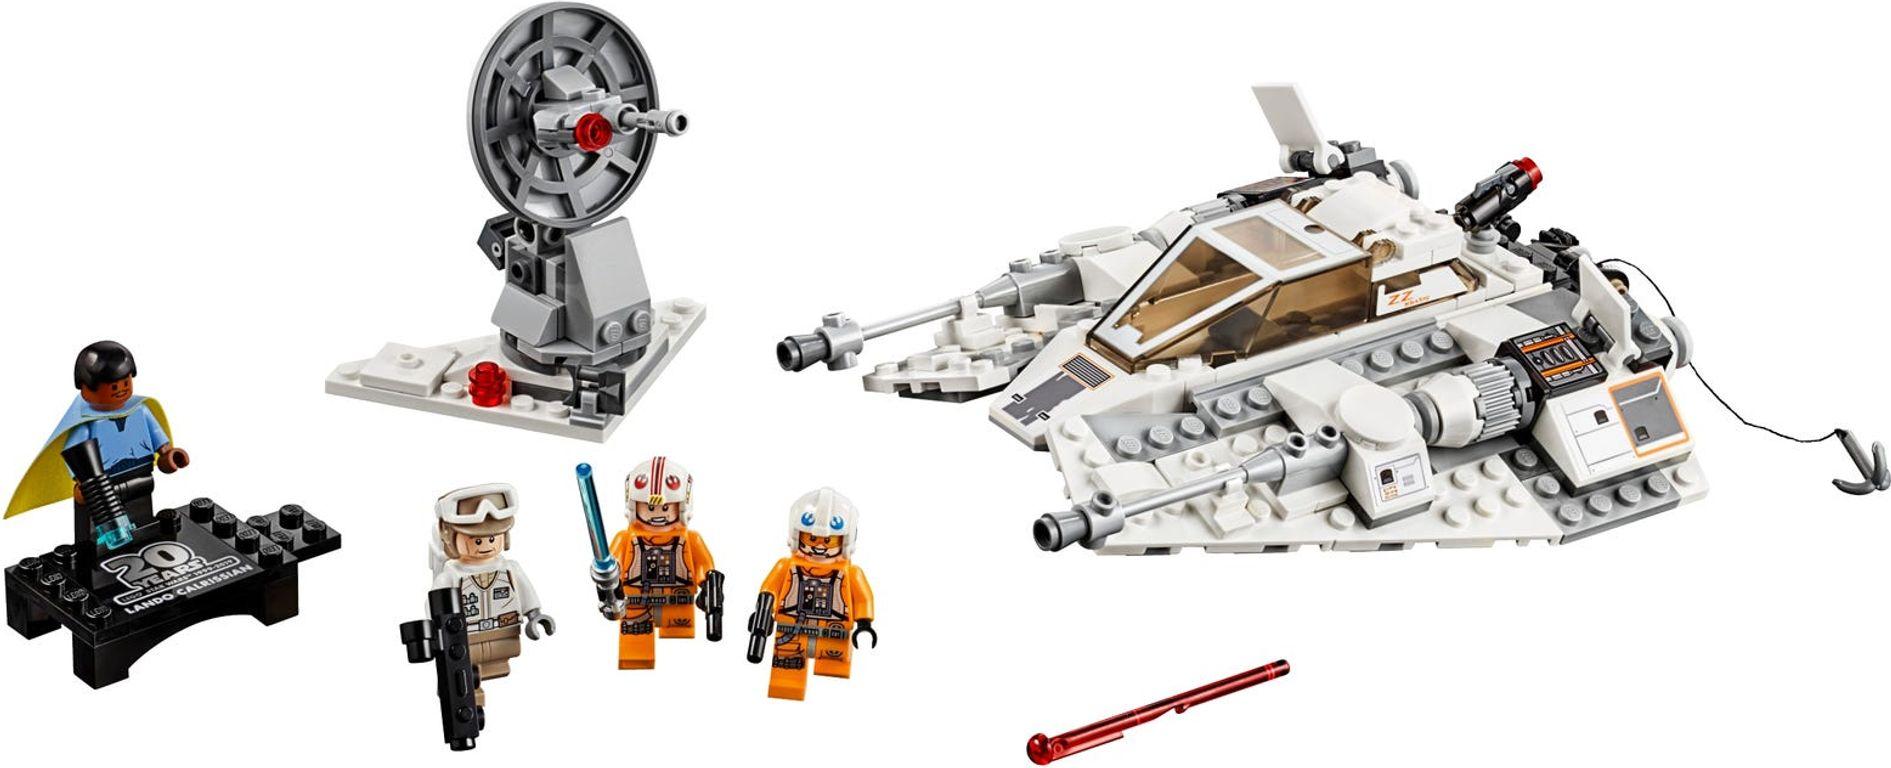 LEGO® Star Wars Snowspeeder™ – 20th Anniversary Edition components